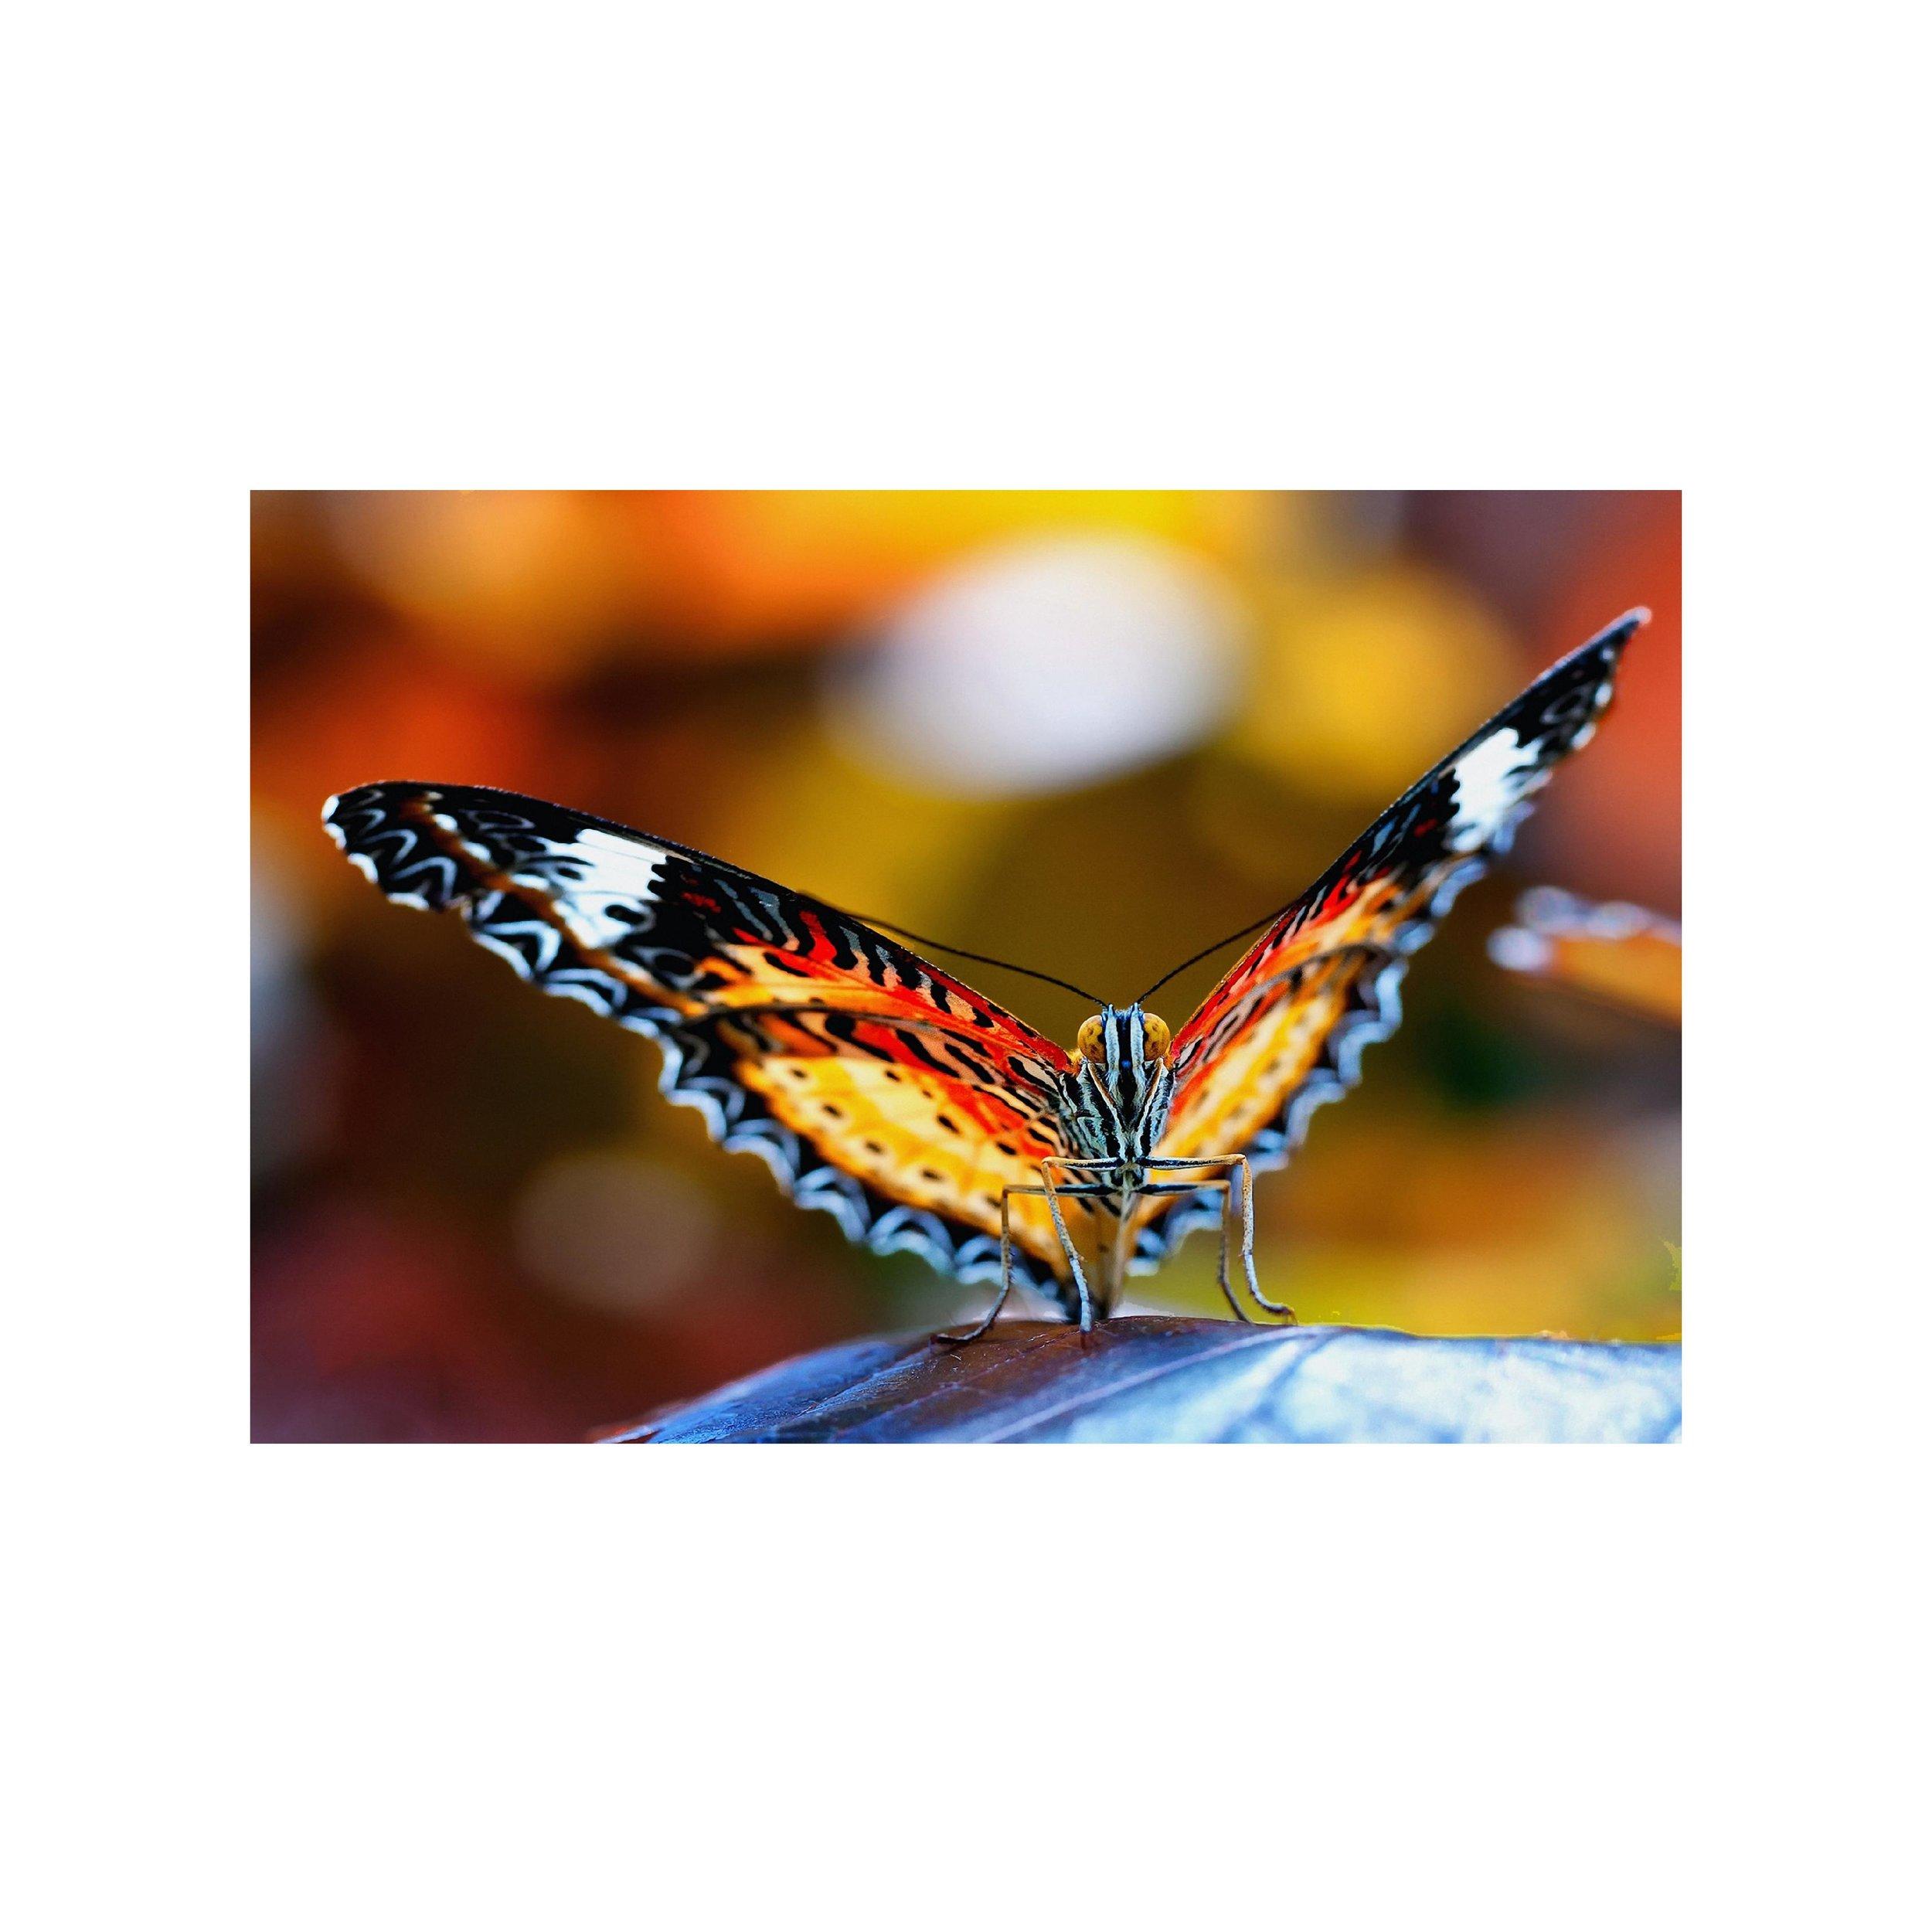 Butterfly_3.jpg